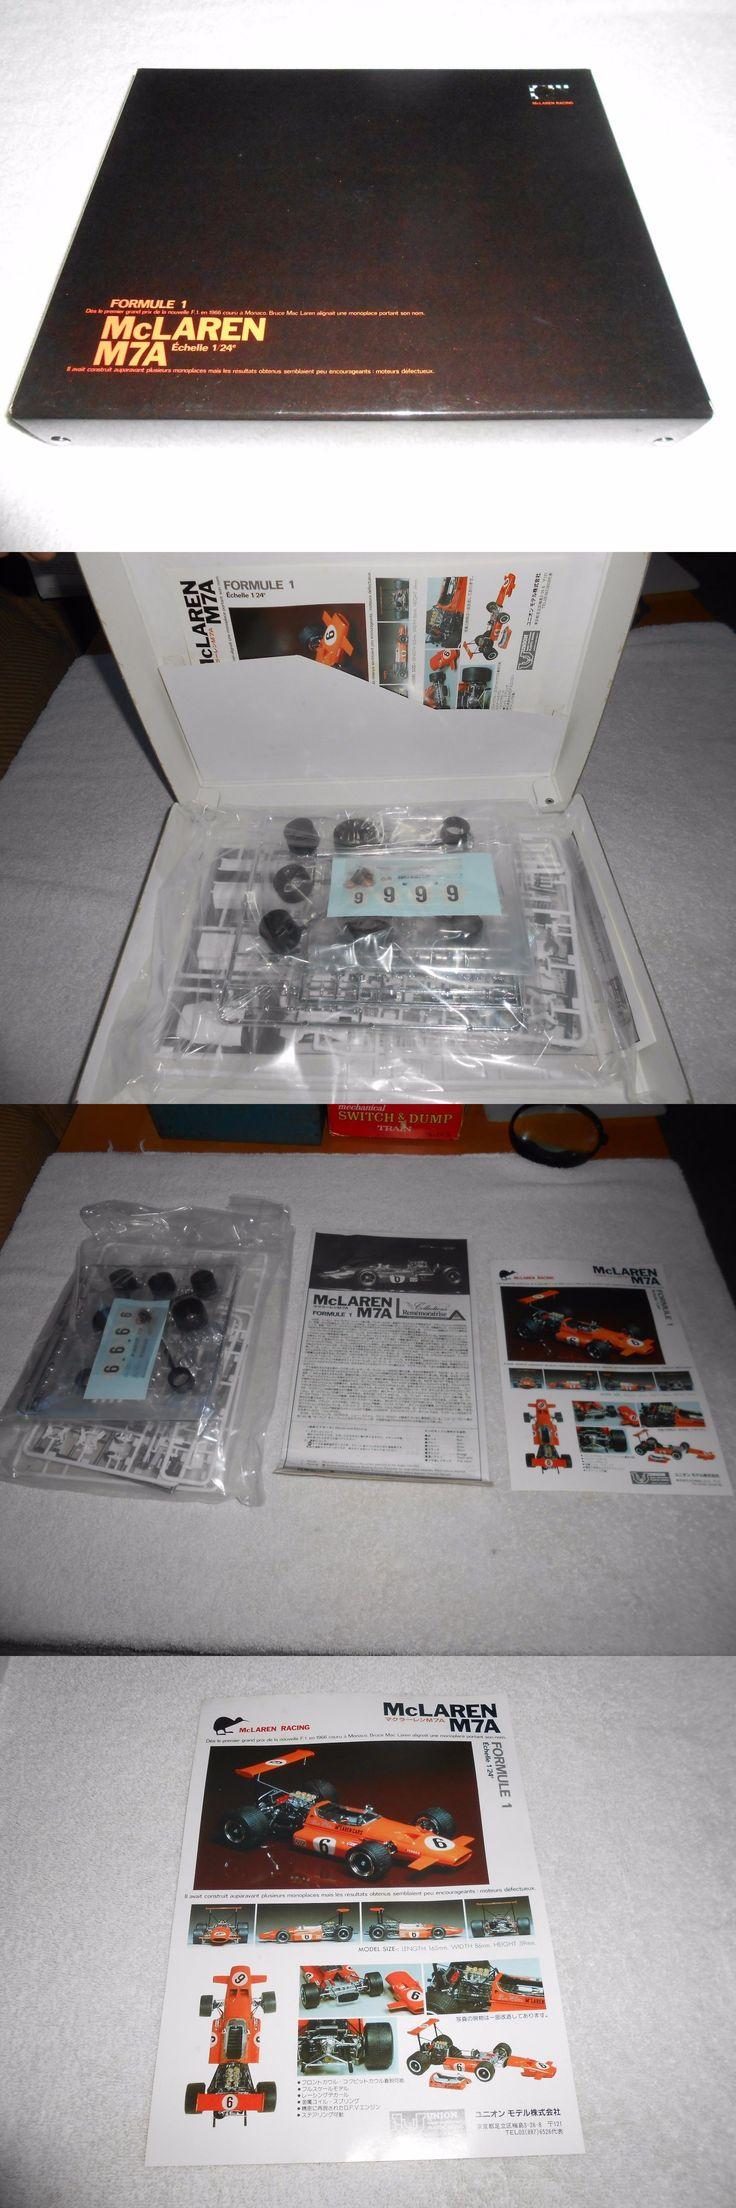 Vintage 2585 mclaren m7a formula 1 union model co professional 1 24 scale model